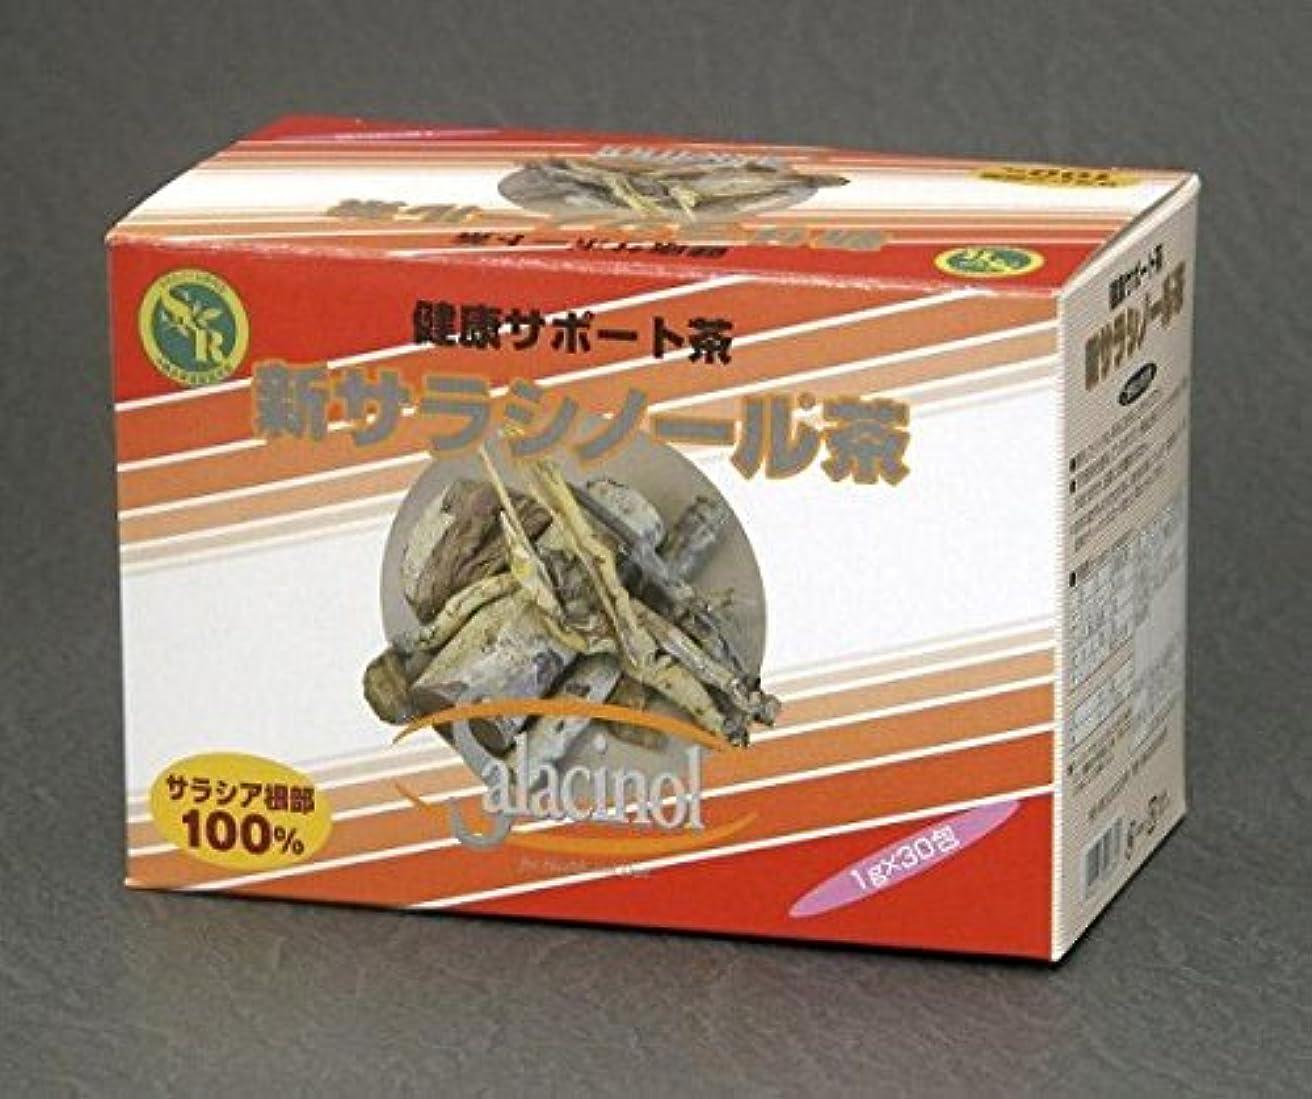 ライターアラスカ手当新サラシノール茶 1×30包